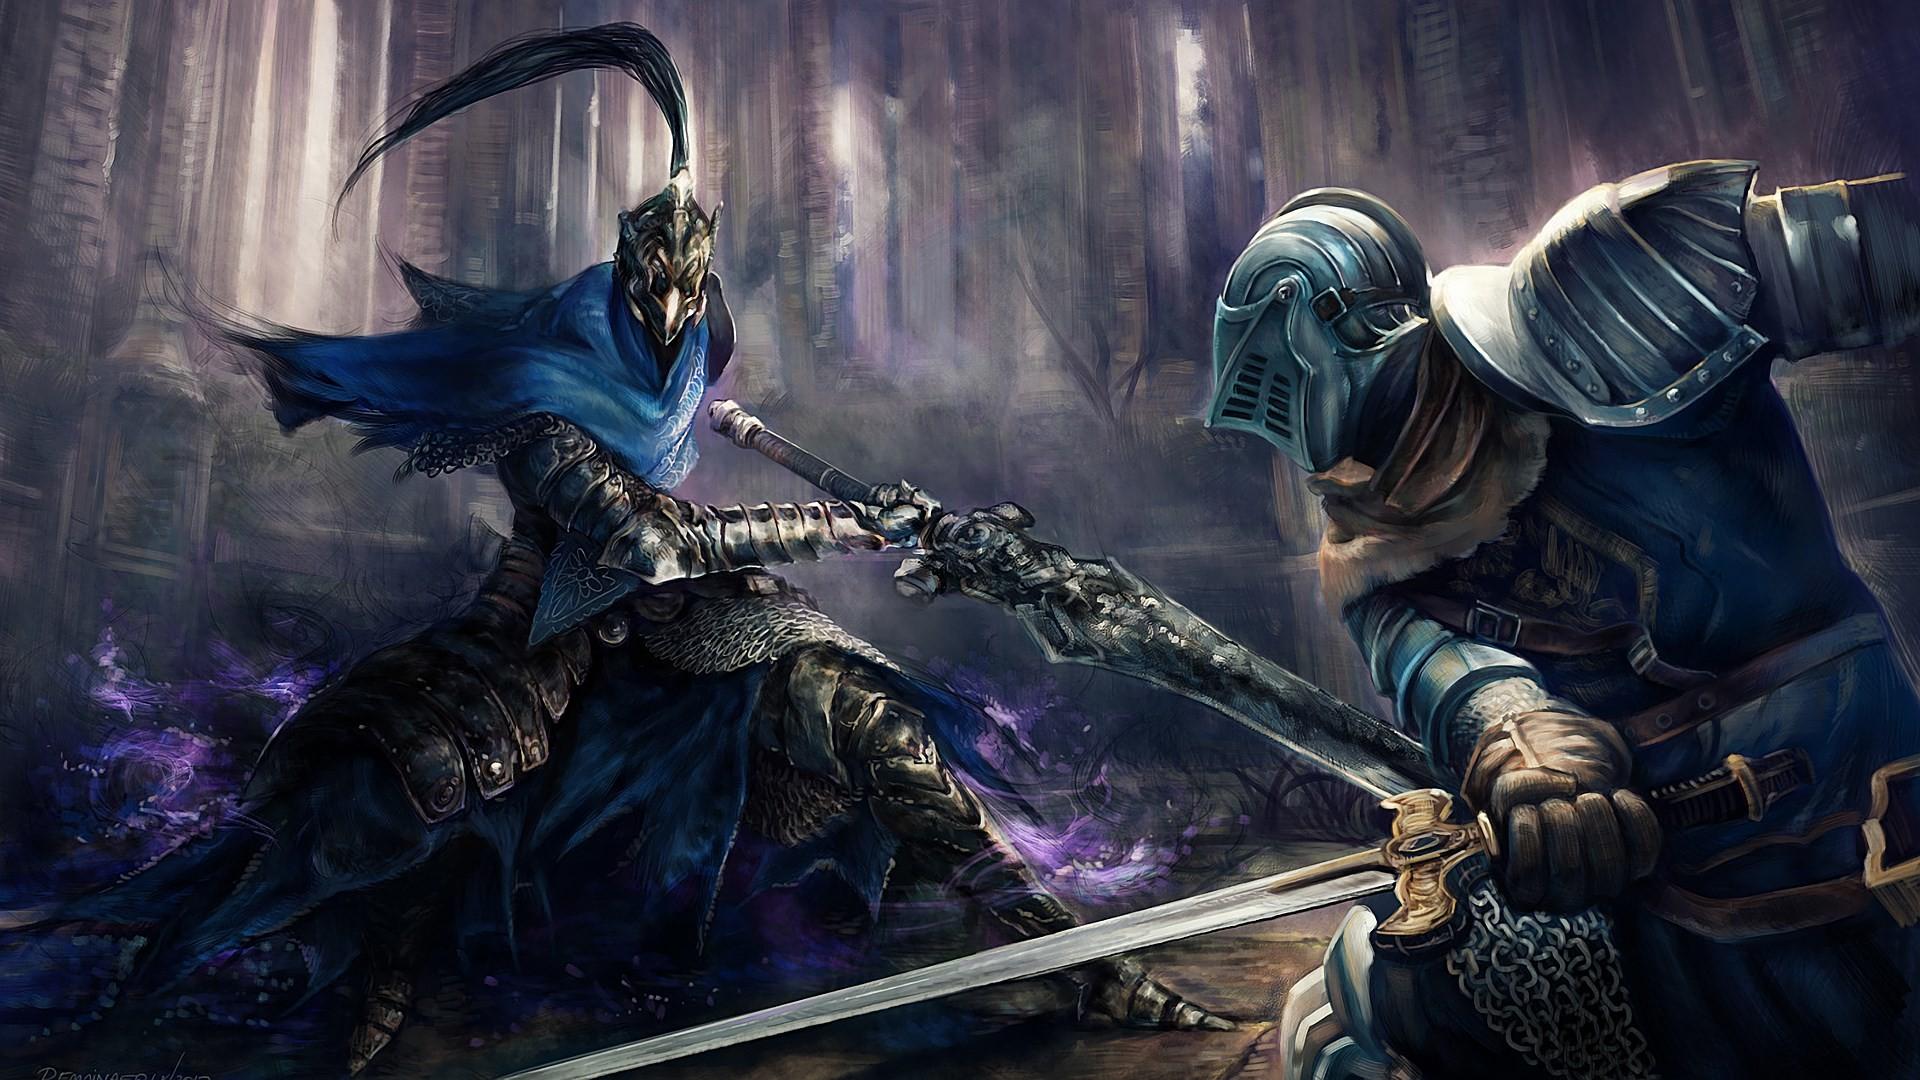 Dark Souls 1080p Wallpaper 79 Images